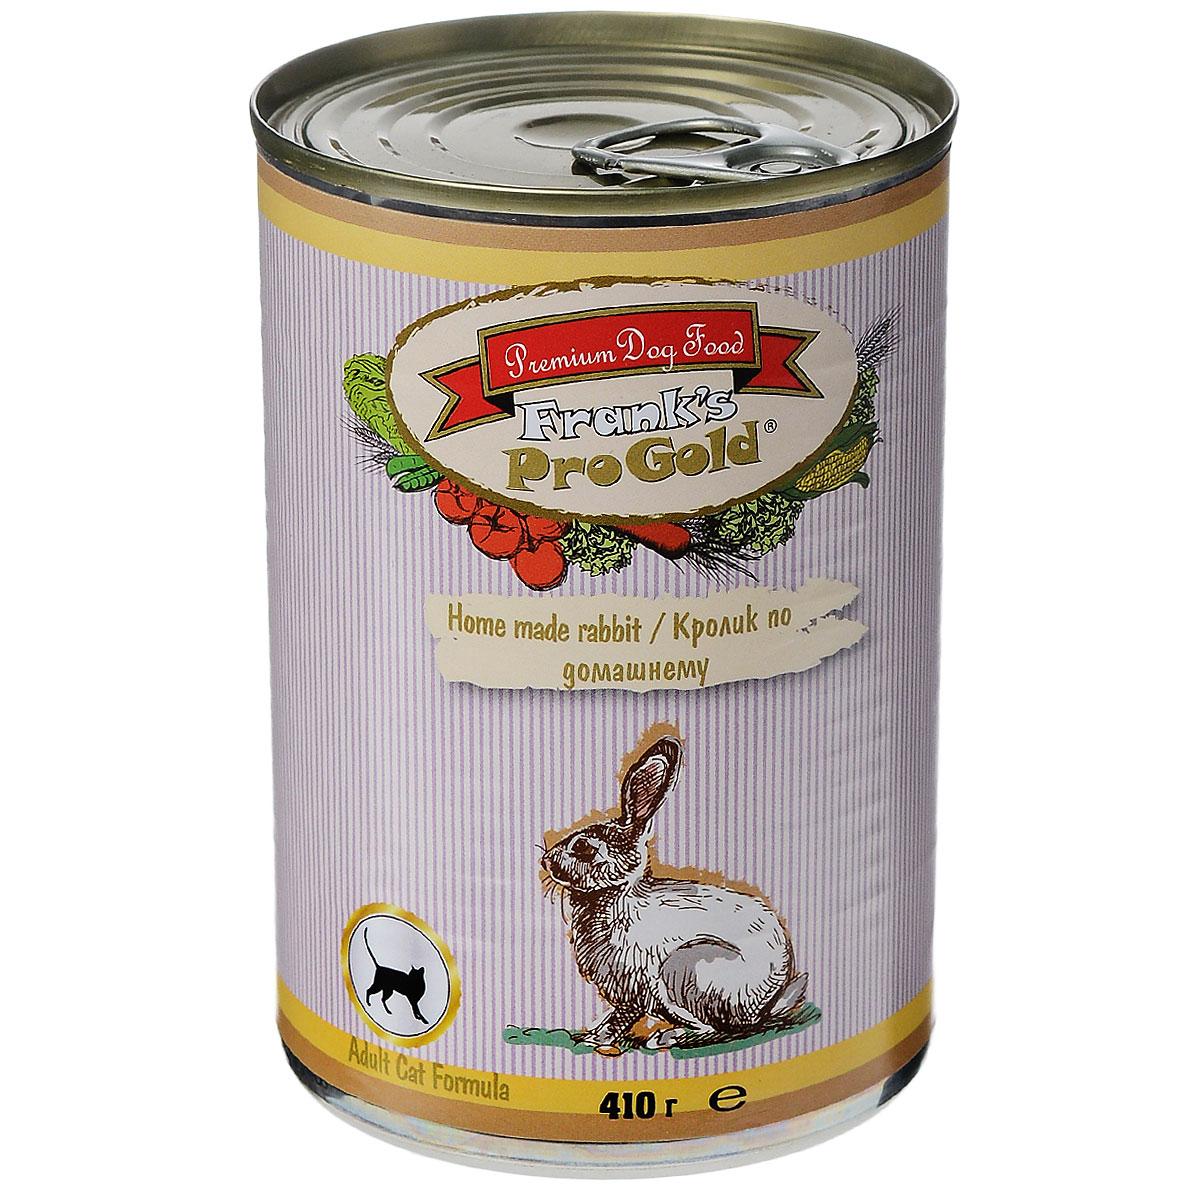 Консервы для кошек Franks ProGold, с кроликом по-домашнему, 410 г24716Консервы для кошек Franks ProGold - полнорационный продукт, содержащий все необходимые витамины и минералы, сбалансированный для поддержания оптимального здоровья вашего питомца! Ваш любимец, безусловно, оценит нежнейшие кусочки мяса в желе! Произведенные из натуральных ингредиентов, консервы Franks Pro Gold не содержат ГМО, сою, искусственных красителей, консервантов и усилителей вкуса. Состав: мясо курицы, кролик, мясо и его производные, злаки, витамины и минералы. Пищевая ценность: влажность 81%,белки 6,5%, жиры 4,5%, зола 2%, клетчатка 0,5%. Добавки: витамин A 1600 IU, витамин D 140 IU, витамин E 10 IU, таурин 300 мг/кг, железо E1 24 мг/кг, марганец E5 6 мг/кг, цинк E6 15 мг/кг, йодин E2 0,3 мг/кг. Калорийность: 393,6 ккал. Товар сертифицирован.